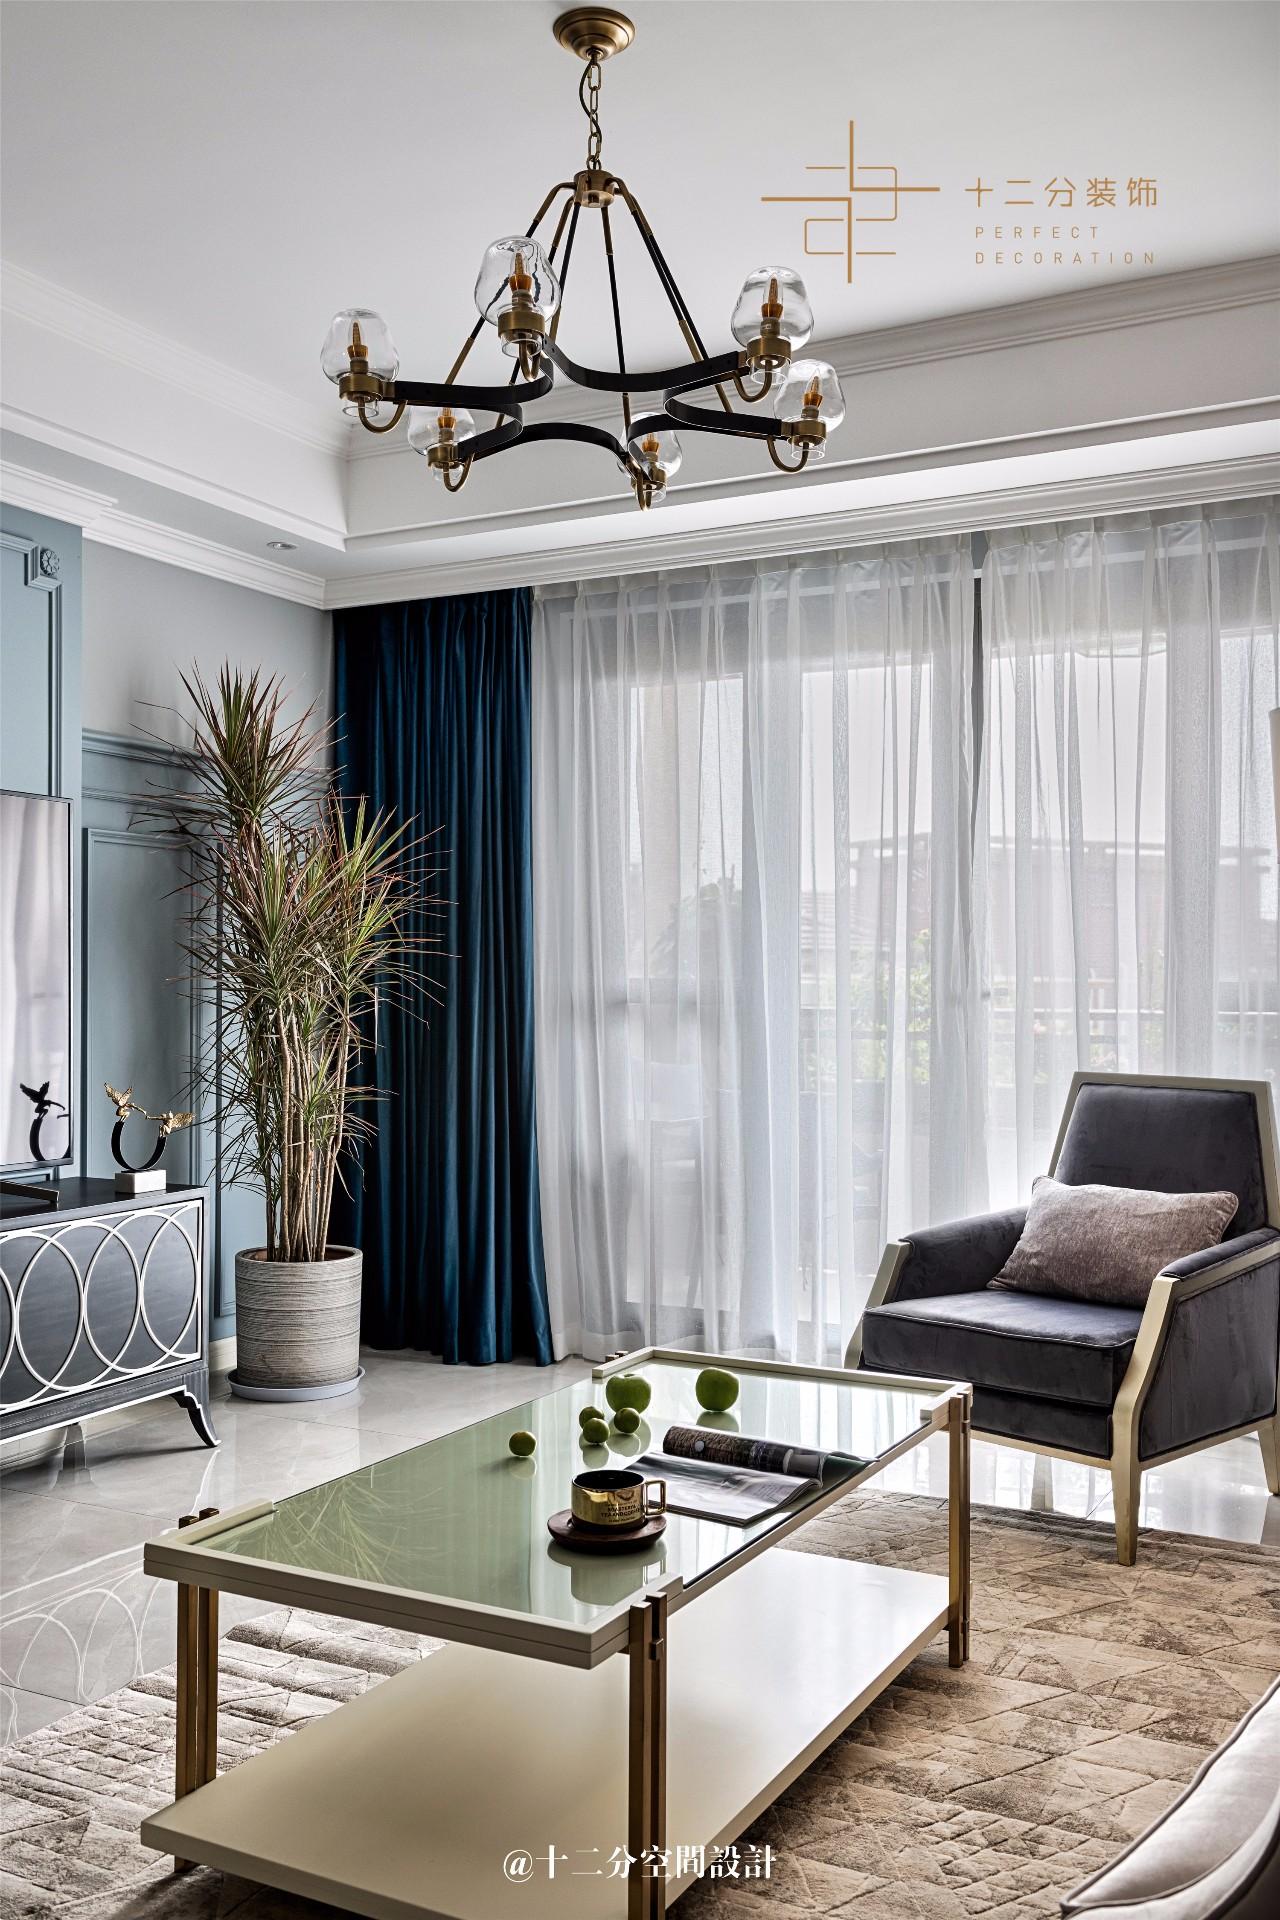 150㎡现代美式装修客厅吊灯设计